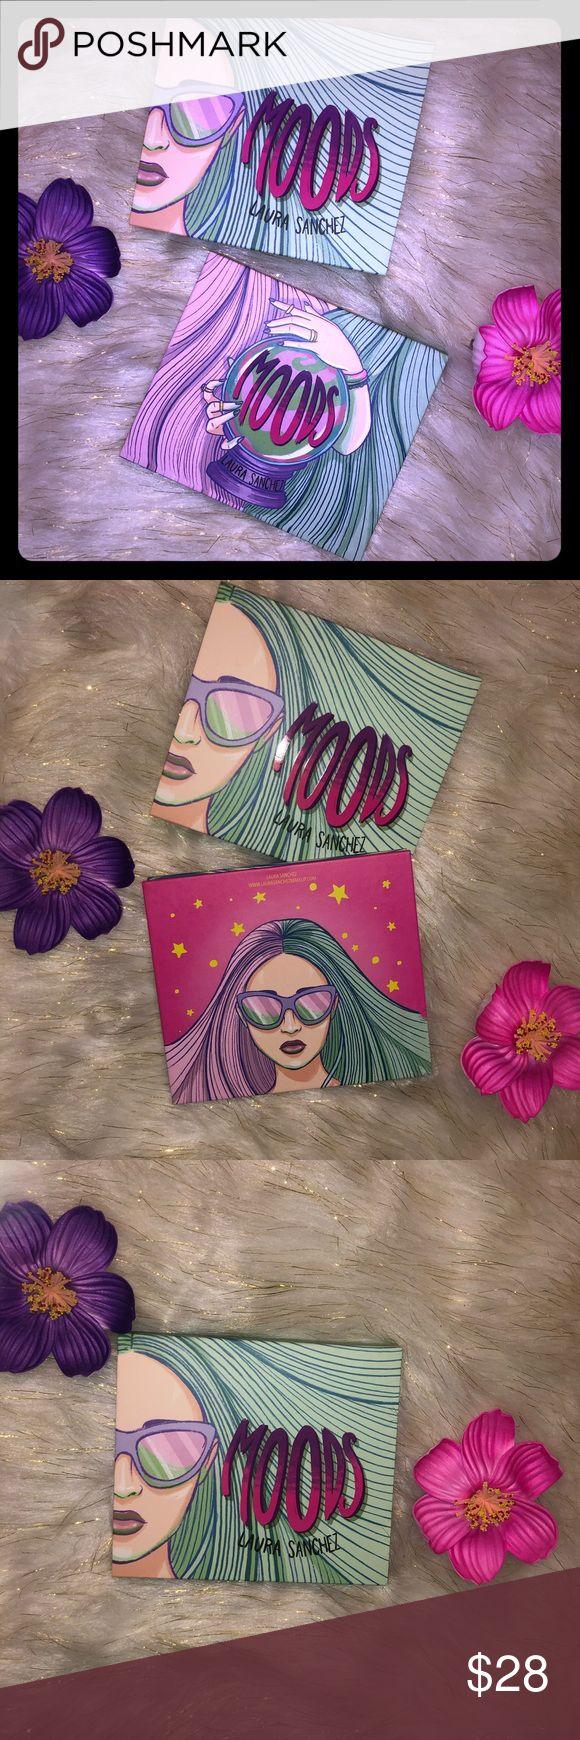 Moods palette by Laura Sanchez (NYX affiliate) Laura